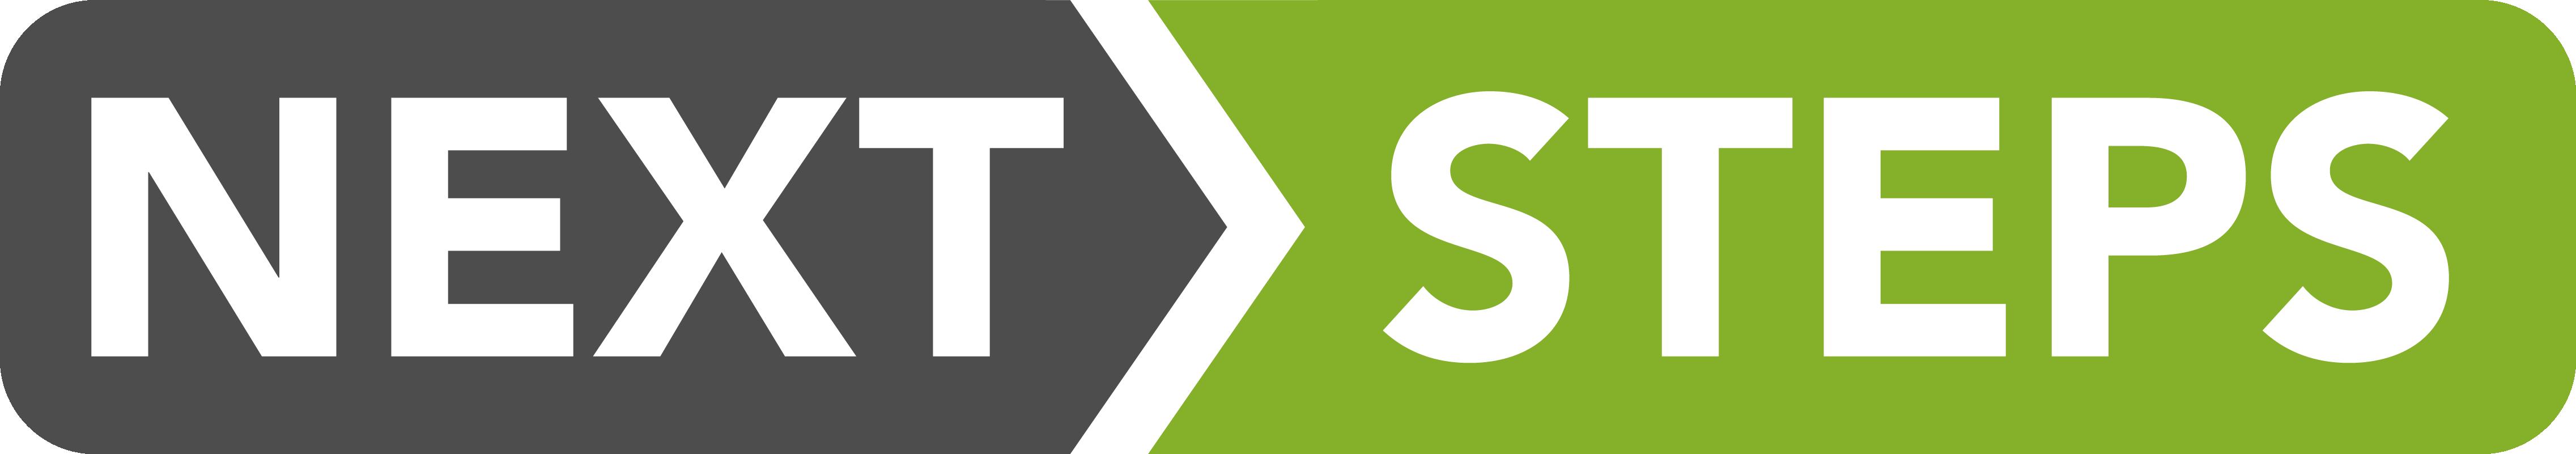 Next+Steps+Logo+Transparent